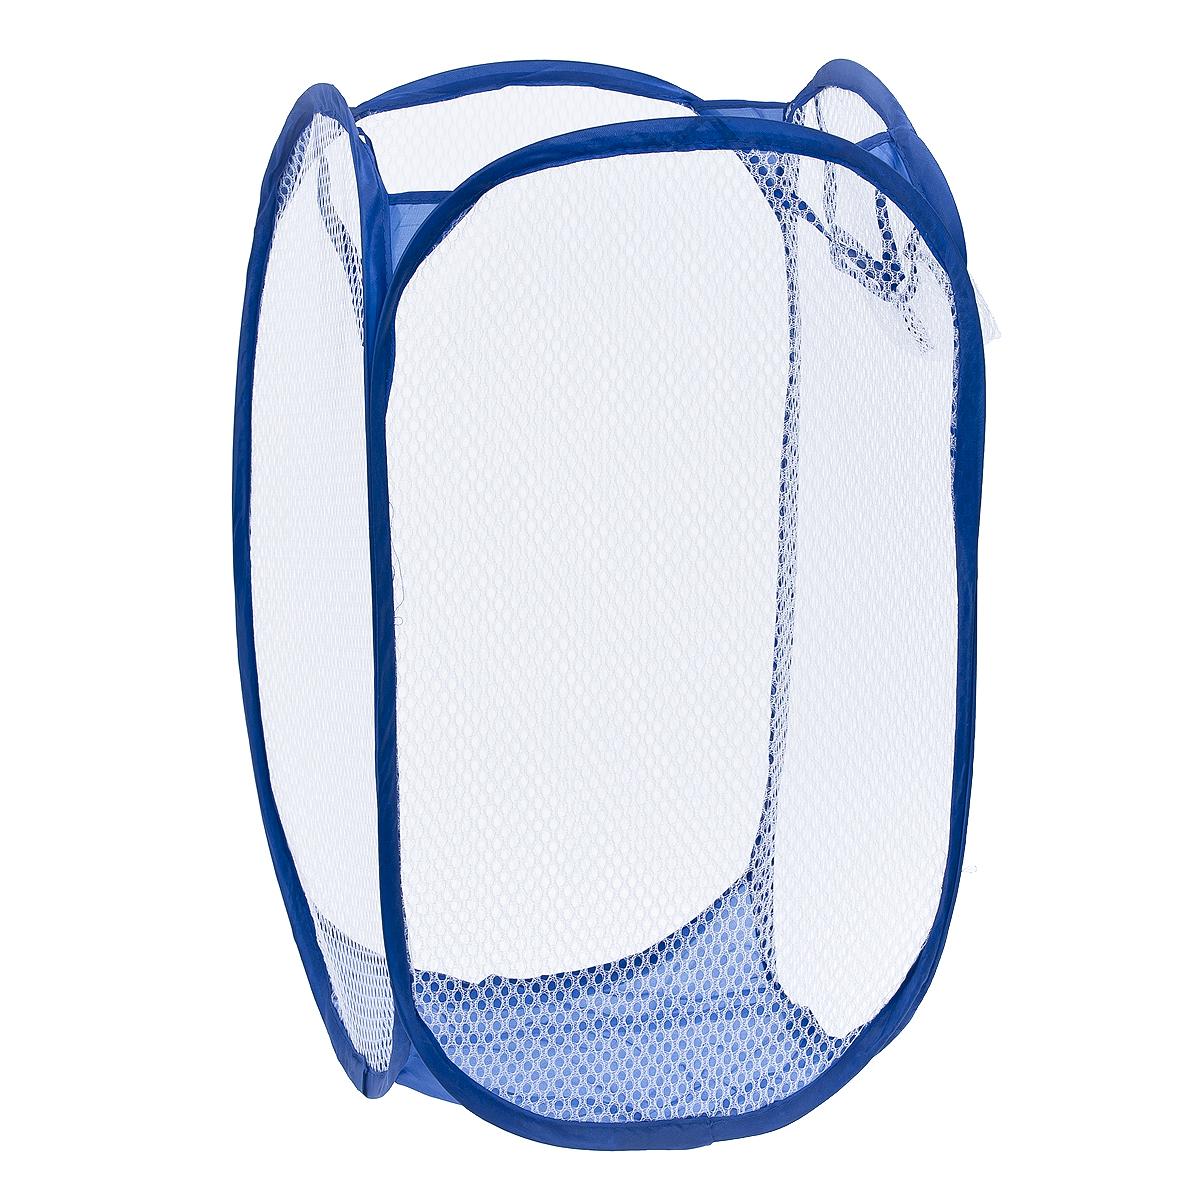 Корзина для белья Fresh Code, складная, 30 см х 30 см х 51 см50832Корзина для белья Fresh Code изготовлена из полипропилена и металла и предназначена для сбора и хранения вещей перед стиркой. Компактная и легкая складная корзина не занимает много места, аккуратно хранит белье, украшает ванную комнату. Вместительная корзина выполнена в форме куба. Сверху имеются ручки для переноски корзины. С четырех сторон корзина выполнена из сетки, для вентиляции белья. Сбоку имеется карман. Корзина для белья Fresh Code станет оригинальным украшением интерьера ванной комнаты.